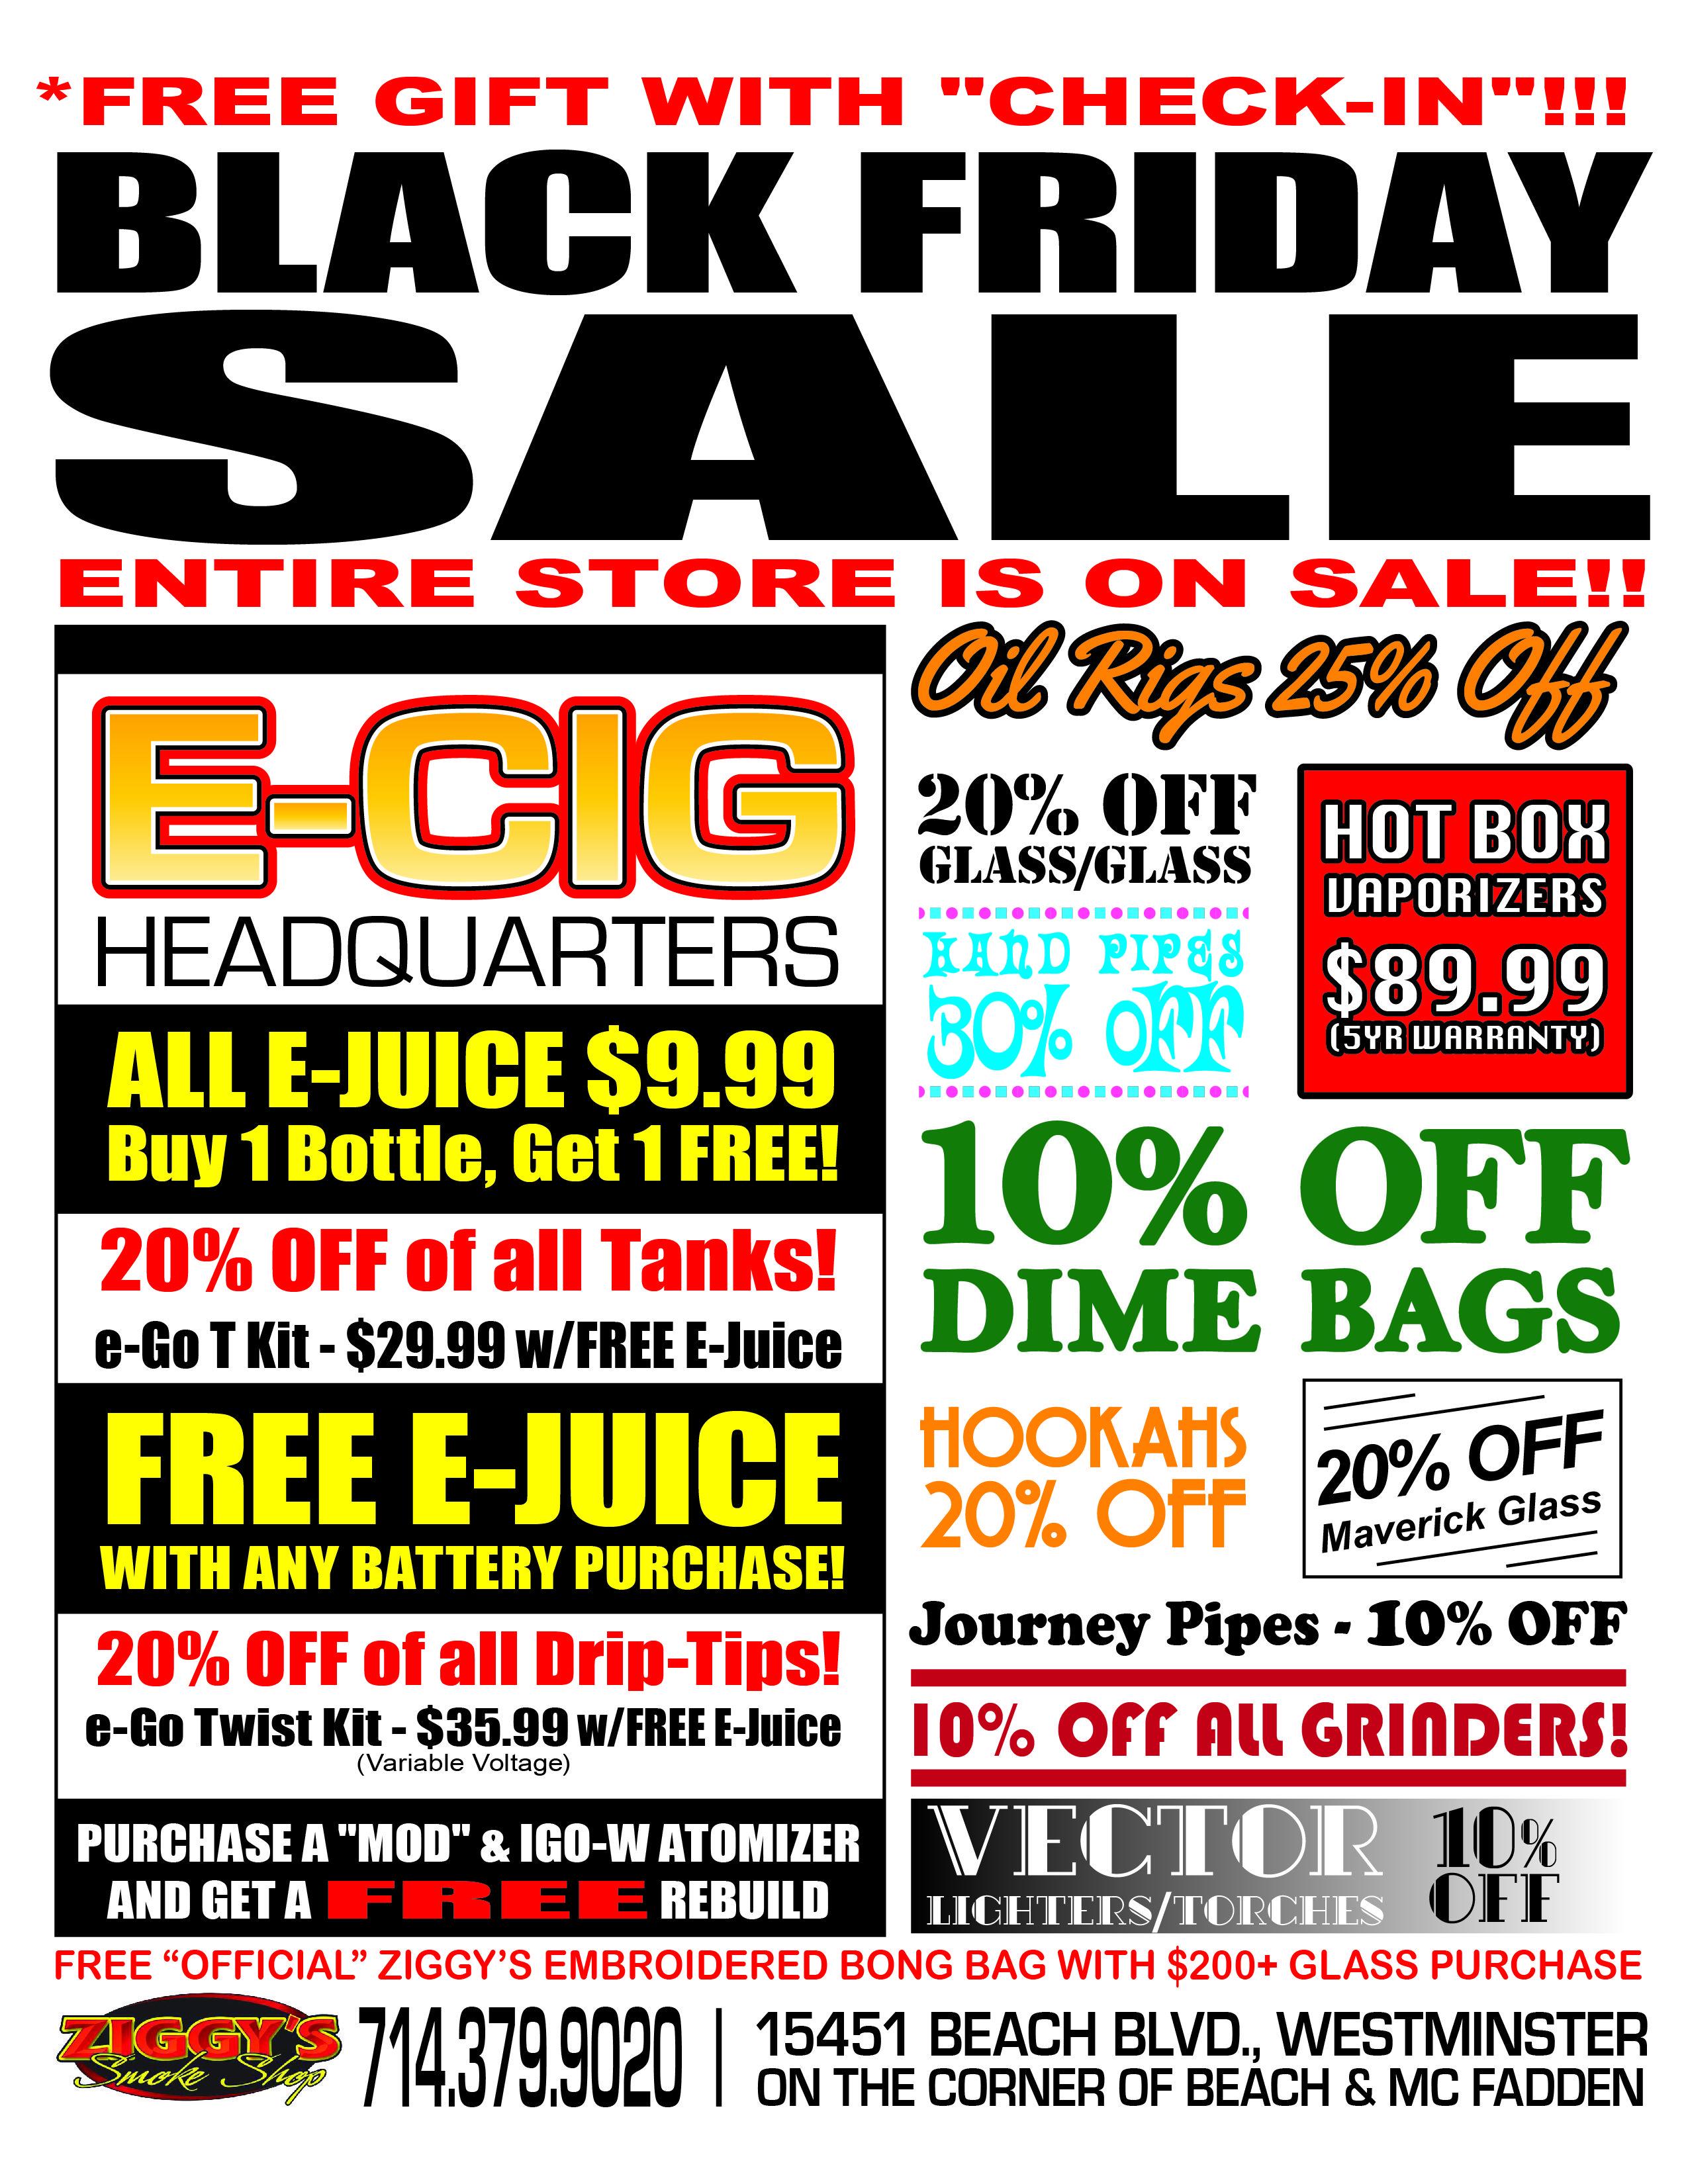 ziggy u0026 39 s smoke shop black friday flyer    ziggys  smokeshop  blackfriday  sale  flyer